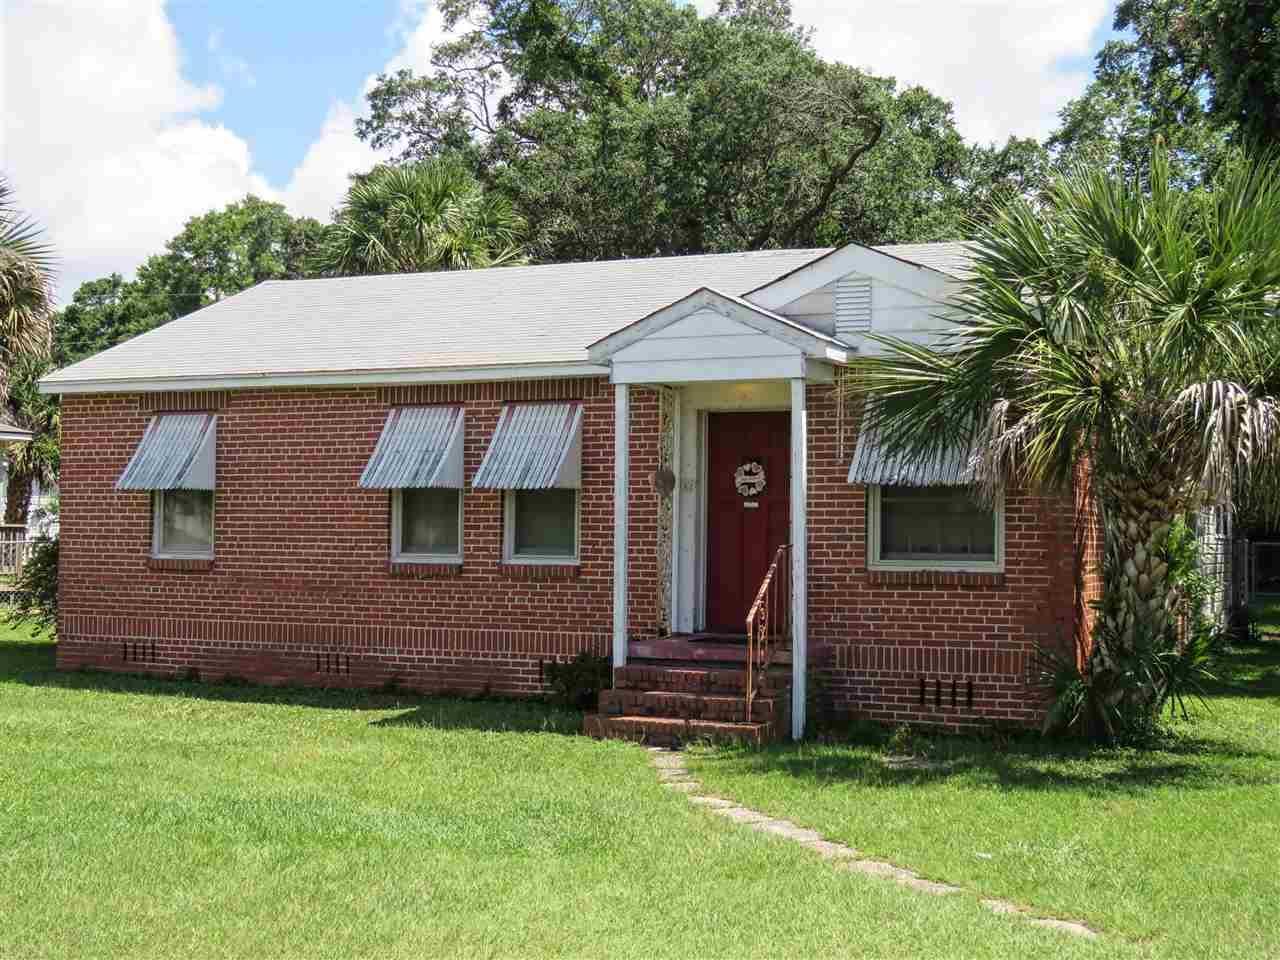 16 Nw Gilliland Rd, Pensacola, FL 32507